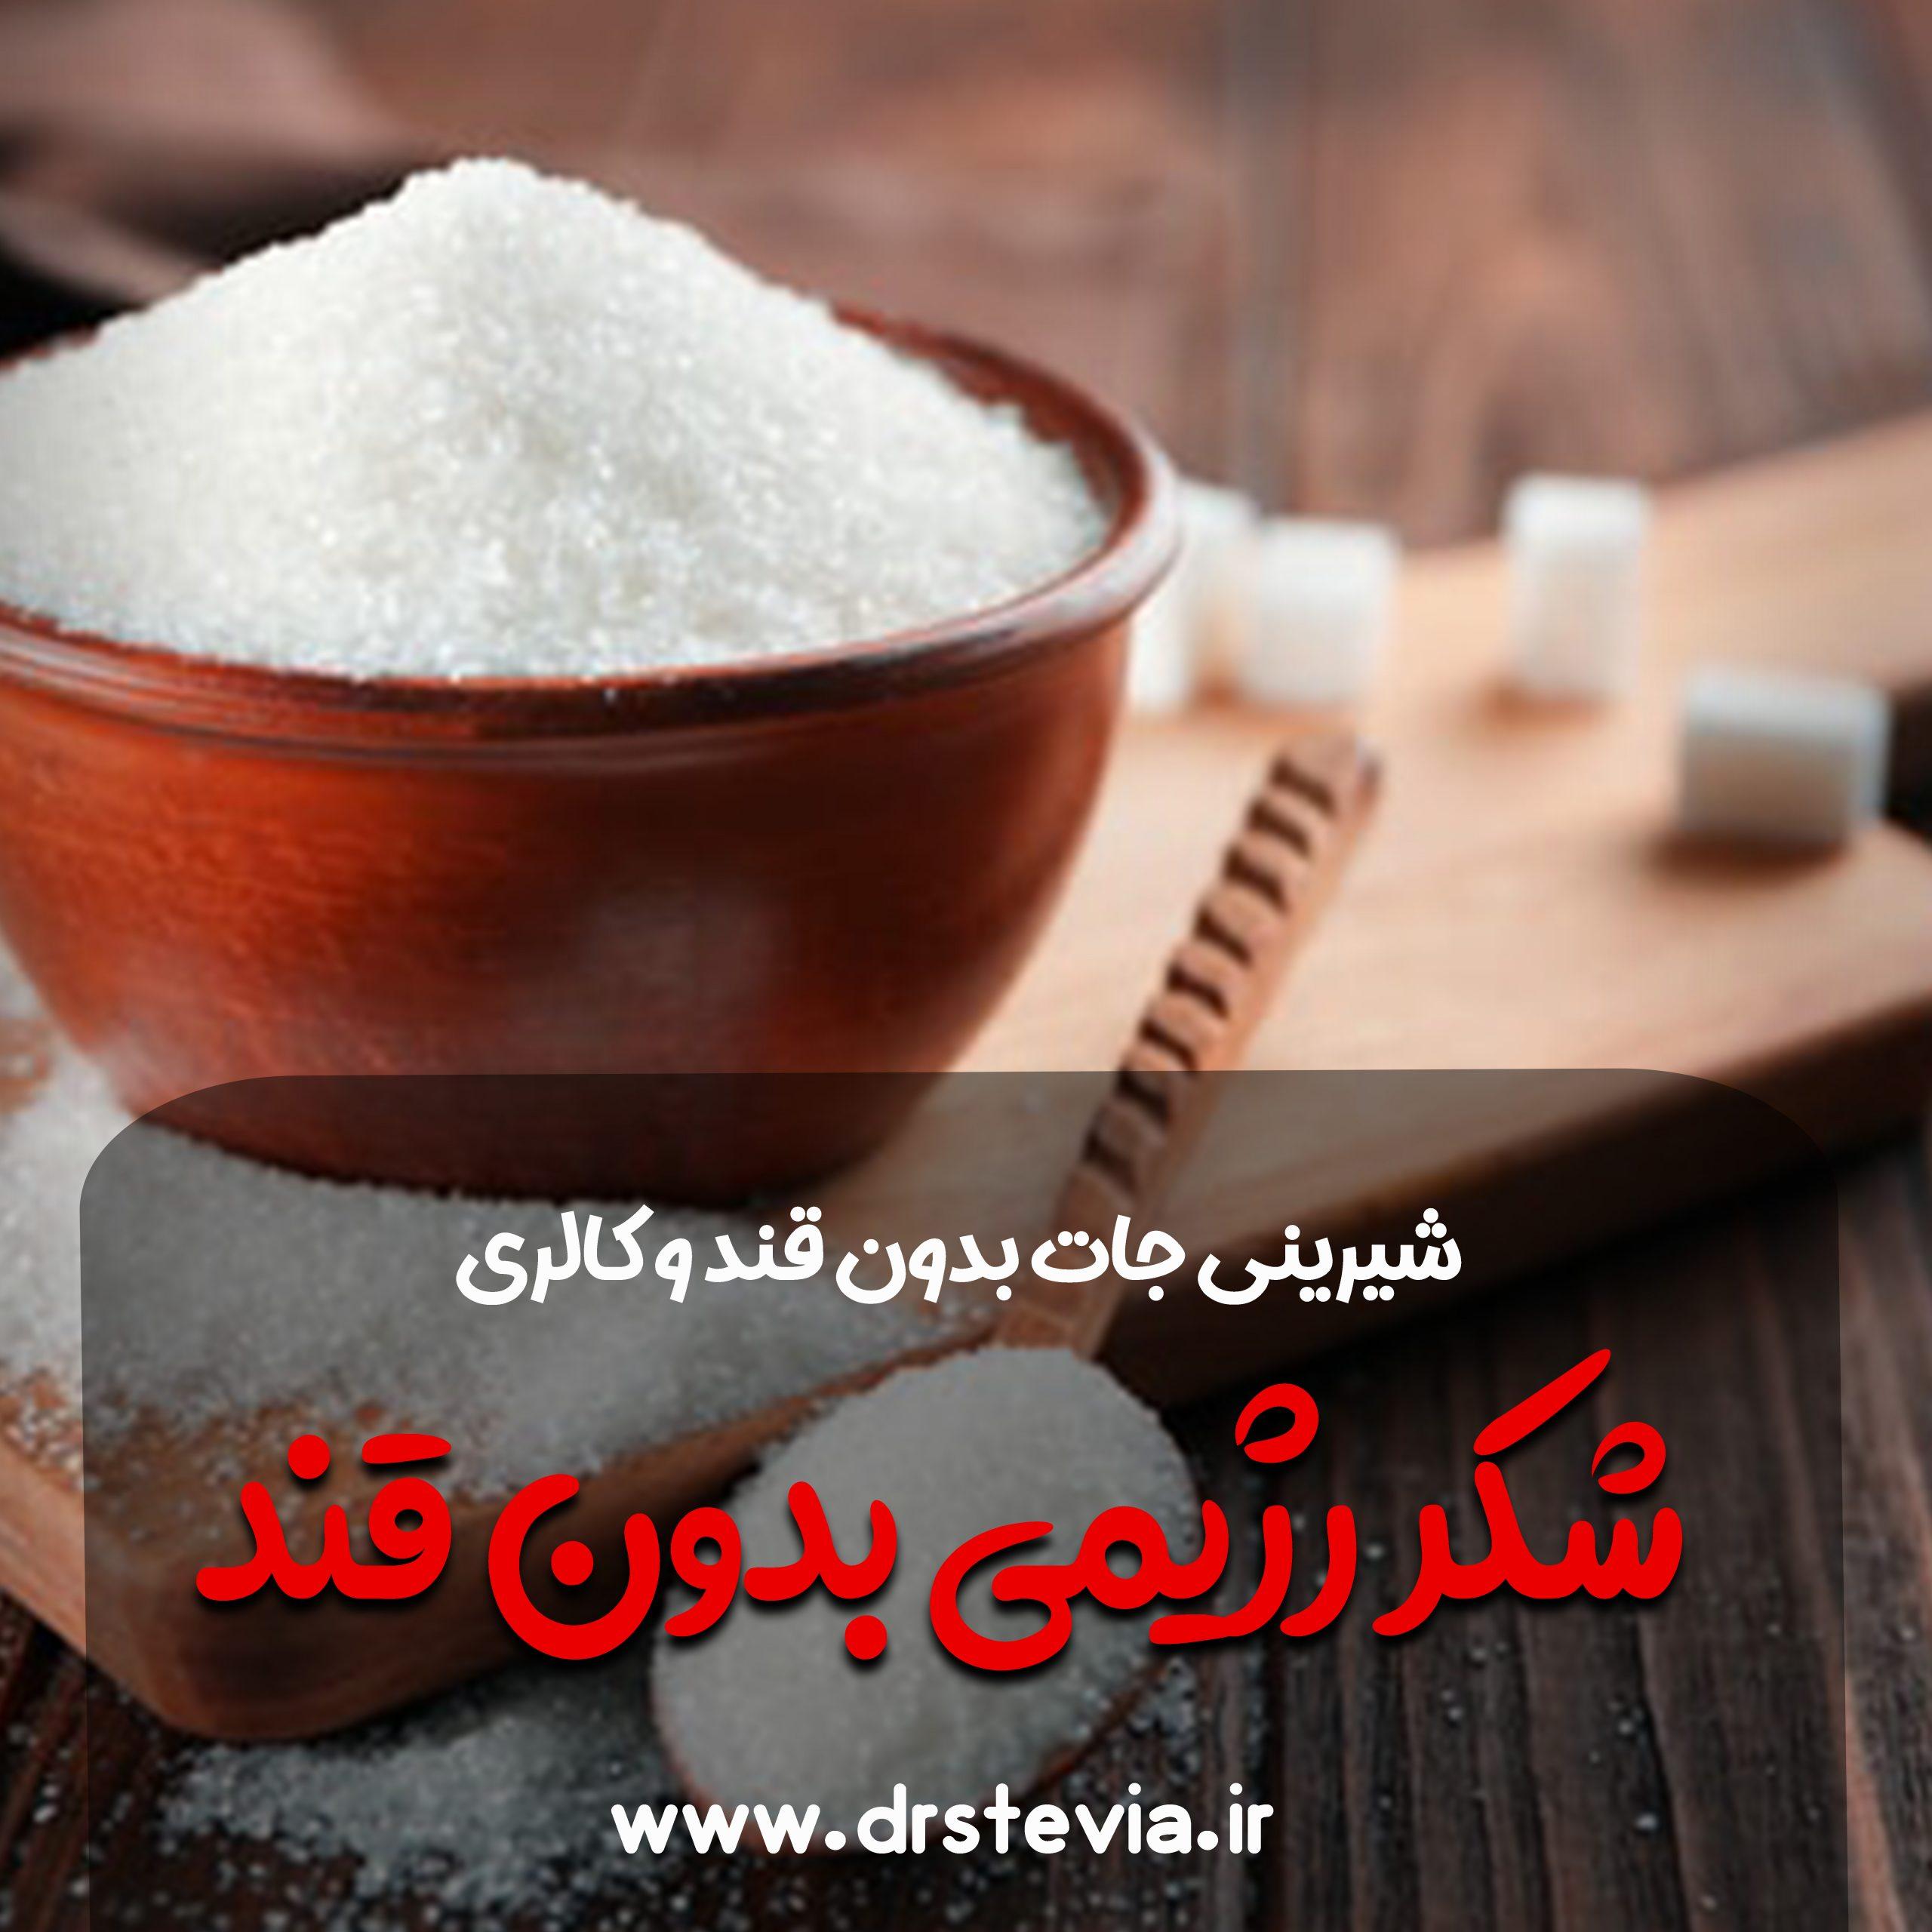 شکر رژیمی بدون قند و کالری